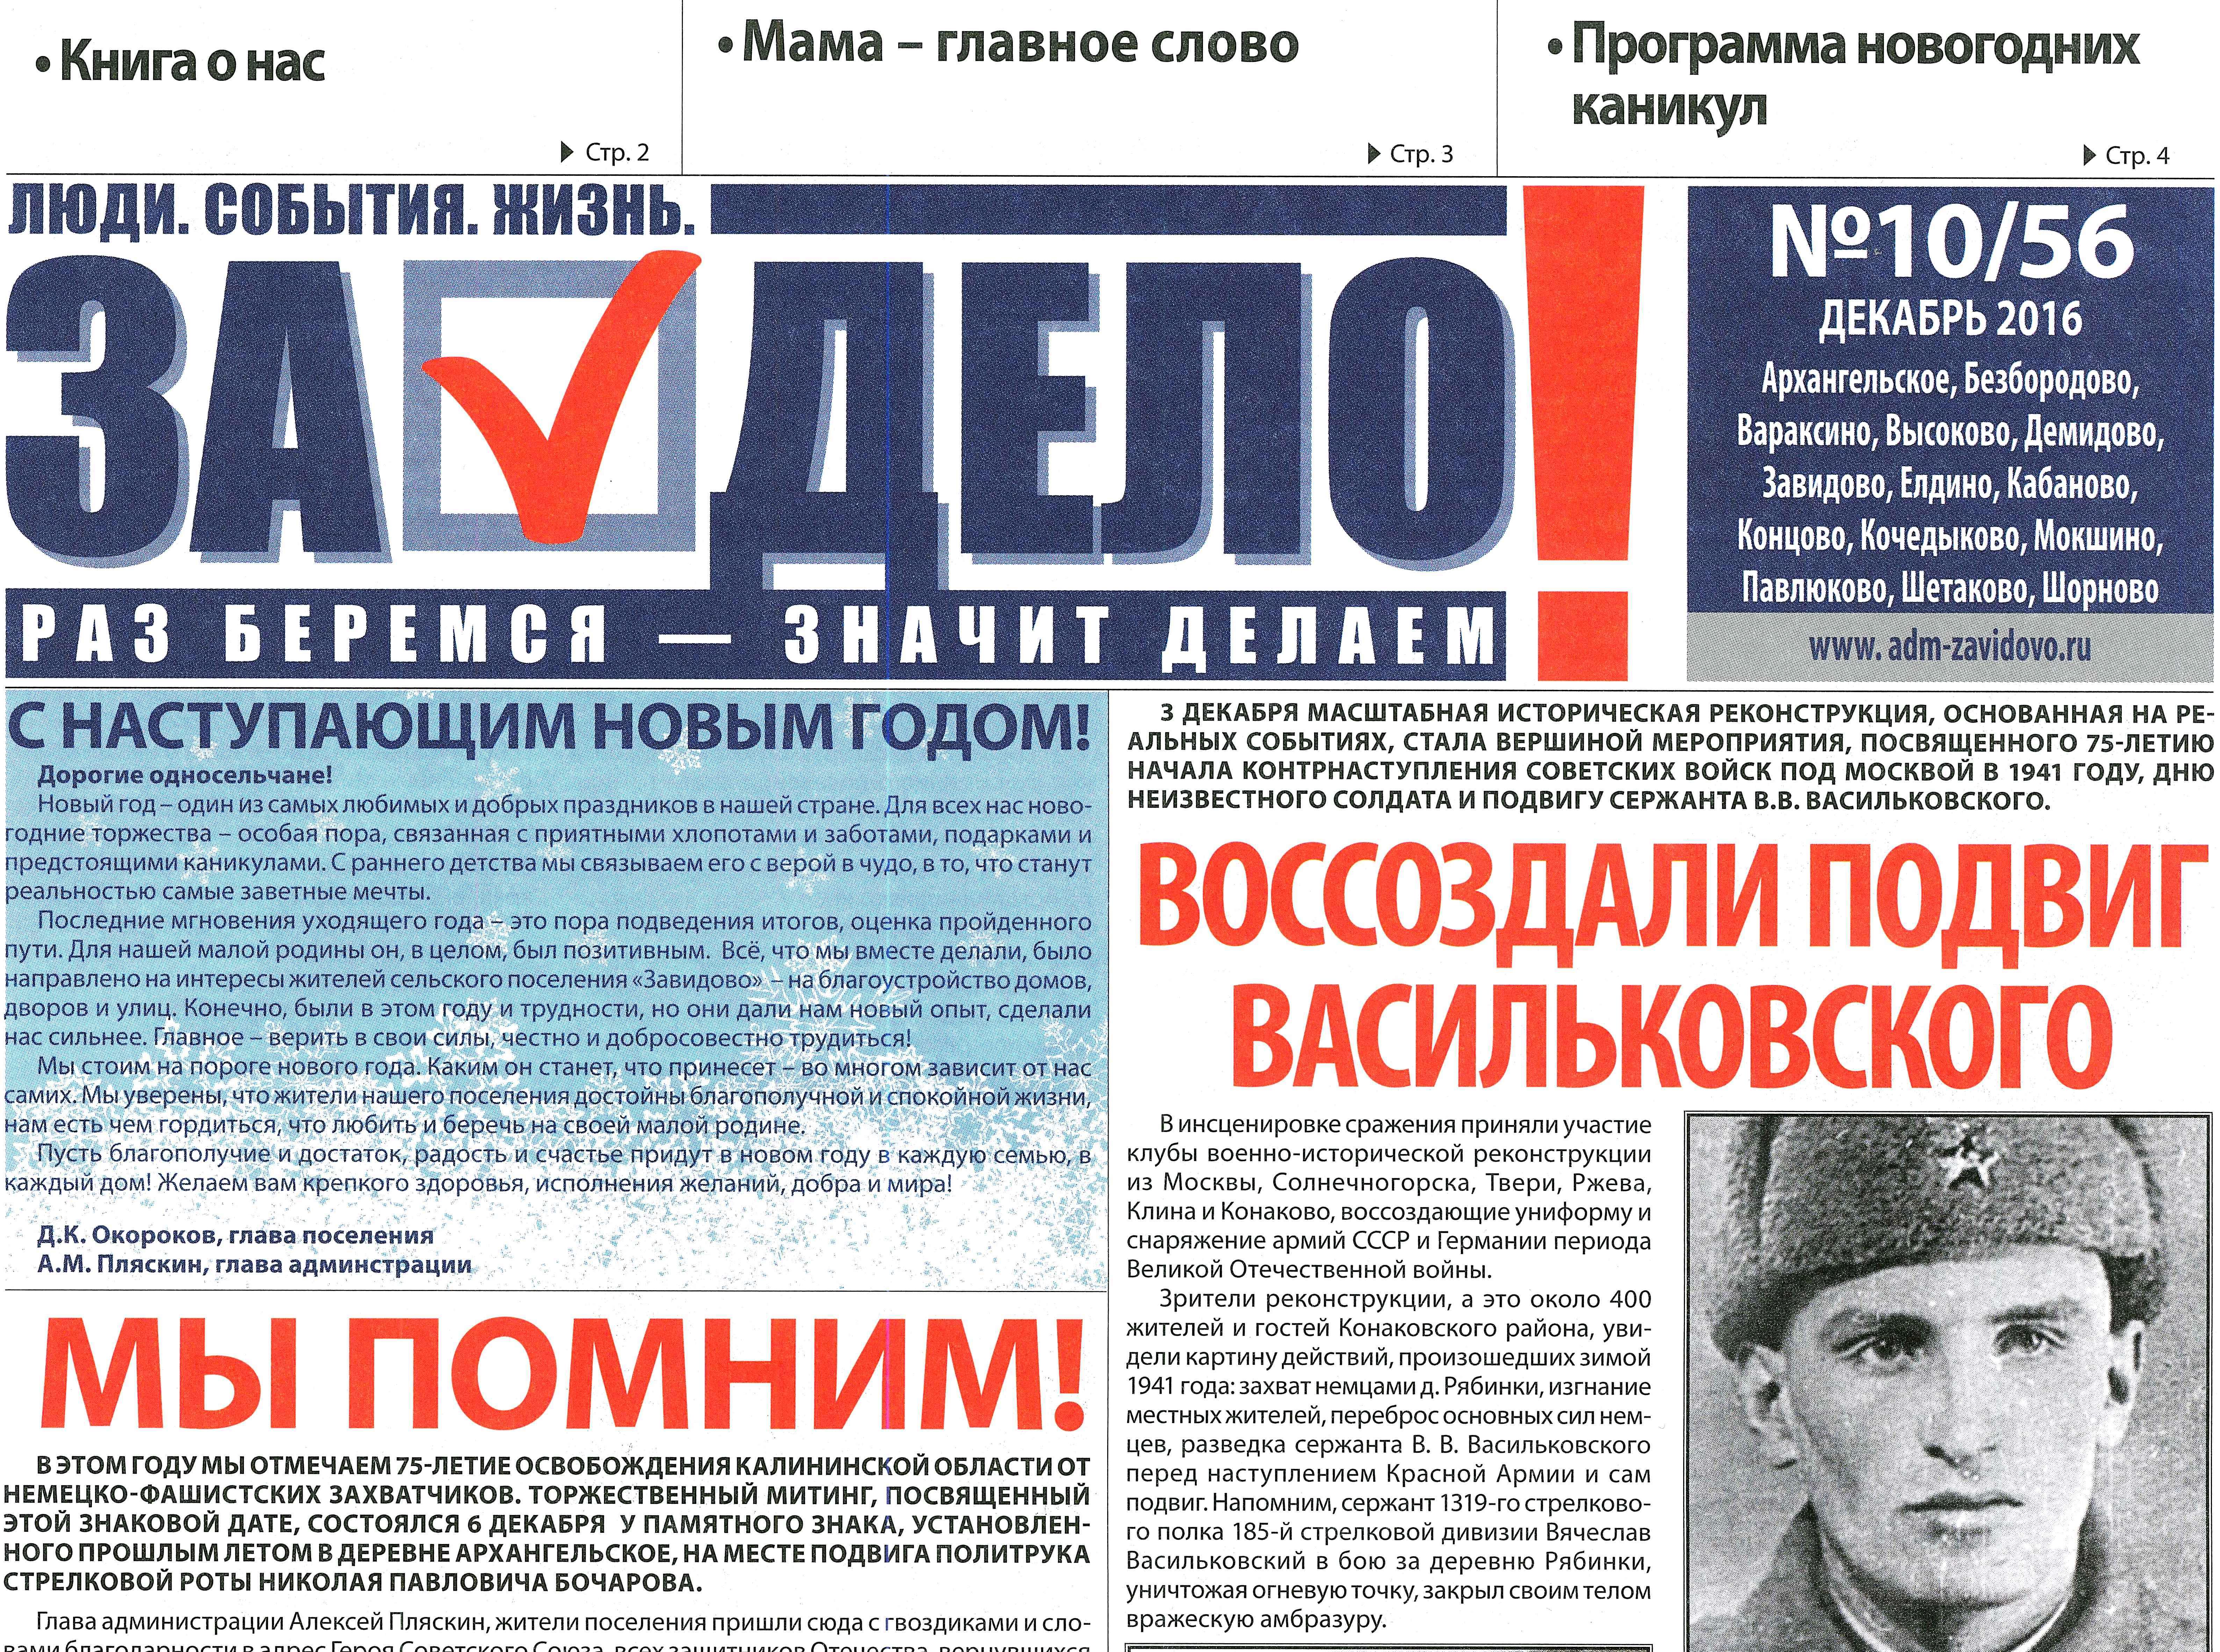 Предновогодний номер газеты «За дело!» уже на нашем сайте.